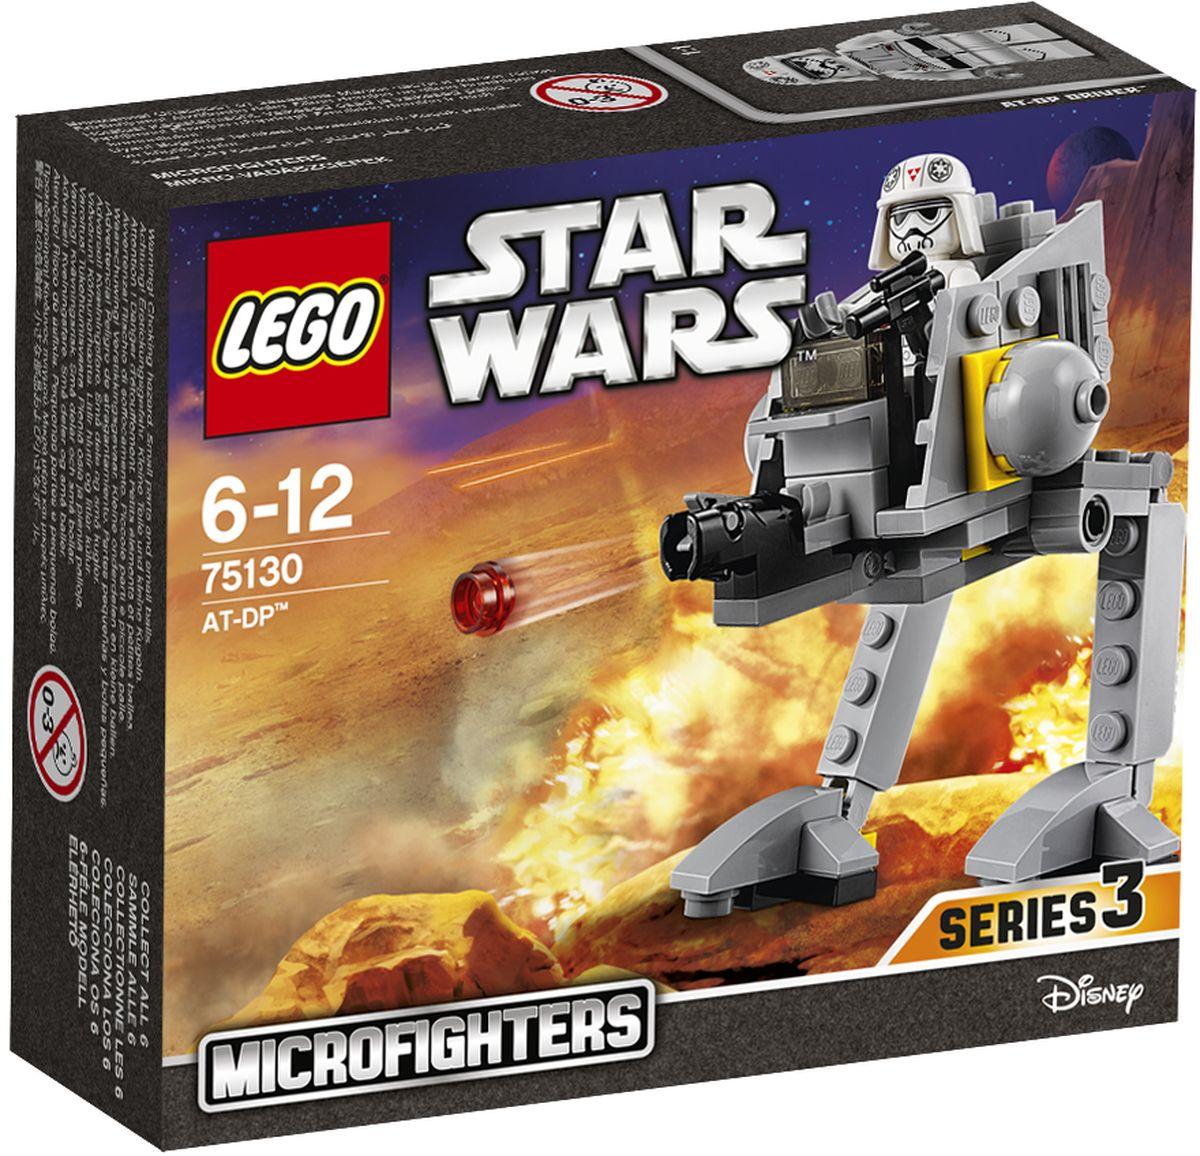 LEGO Star Wars Конструктор AT-DP 7513075130Конструктор Lego Star Wars AT-DP приведет в восторг любого поклонника знаменитой космической саги Звездные войны. Конструктор содержит 76 пластиковых элементов, с помощью которых вы сможете собрать оригинальную боевую машину из вселенной Звездных войн. Эти несносные повстанцы доставляют проблемы и должны быть пойманы. Посади водителя АТ-DP в кабину, вооружи бластером и готовься выдвигаться к месту боя! Все элементы набора выполнены из прочного безопасного пластика. Робот стреляет небольшими снарядами, входящими в набор. Также в набор входит фигурка пилота. Игры с конструкторами помогут ребенку развить воображение, внимательность, пространственное мышление и творческие способности. Такой конструктор надолго займет внимание малыша и непременно станет его любимой игрушкой.